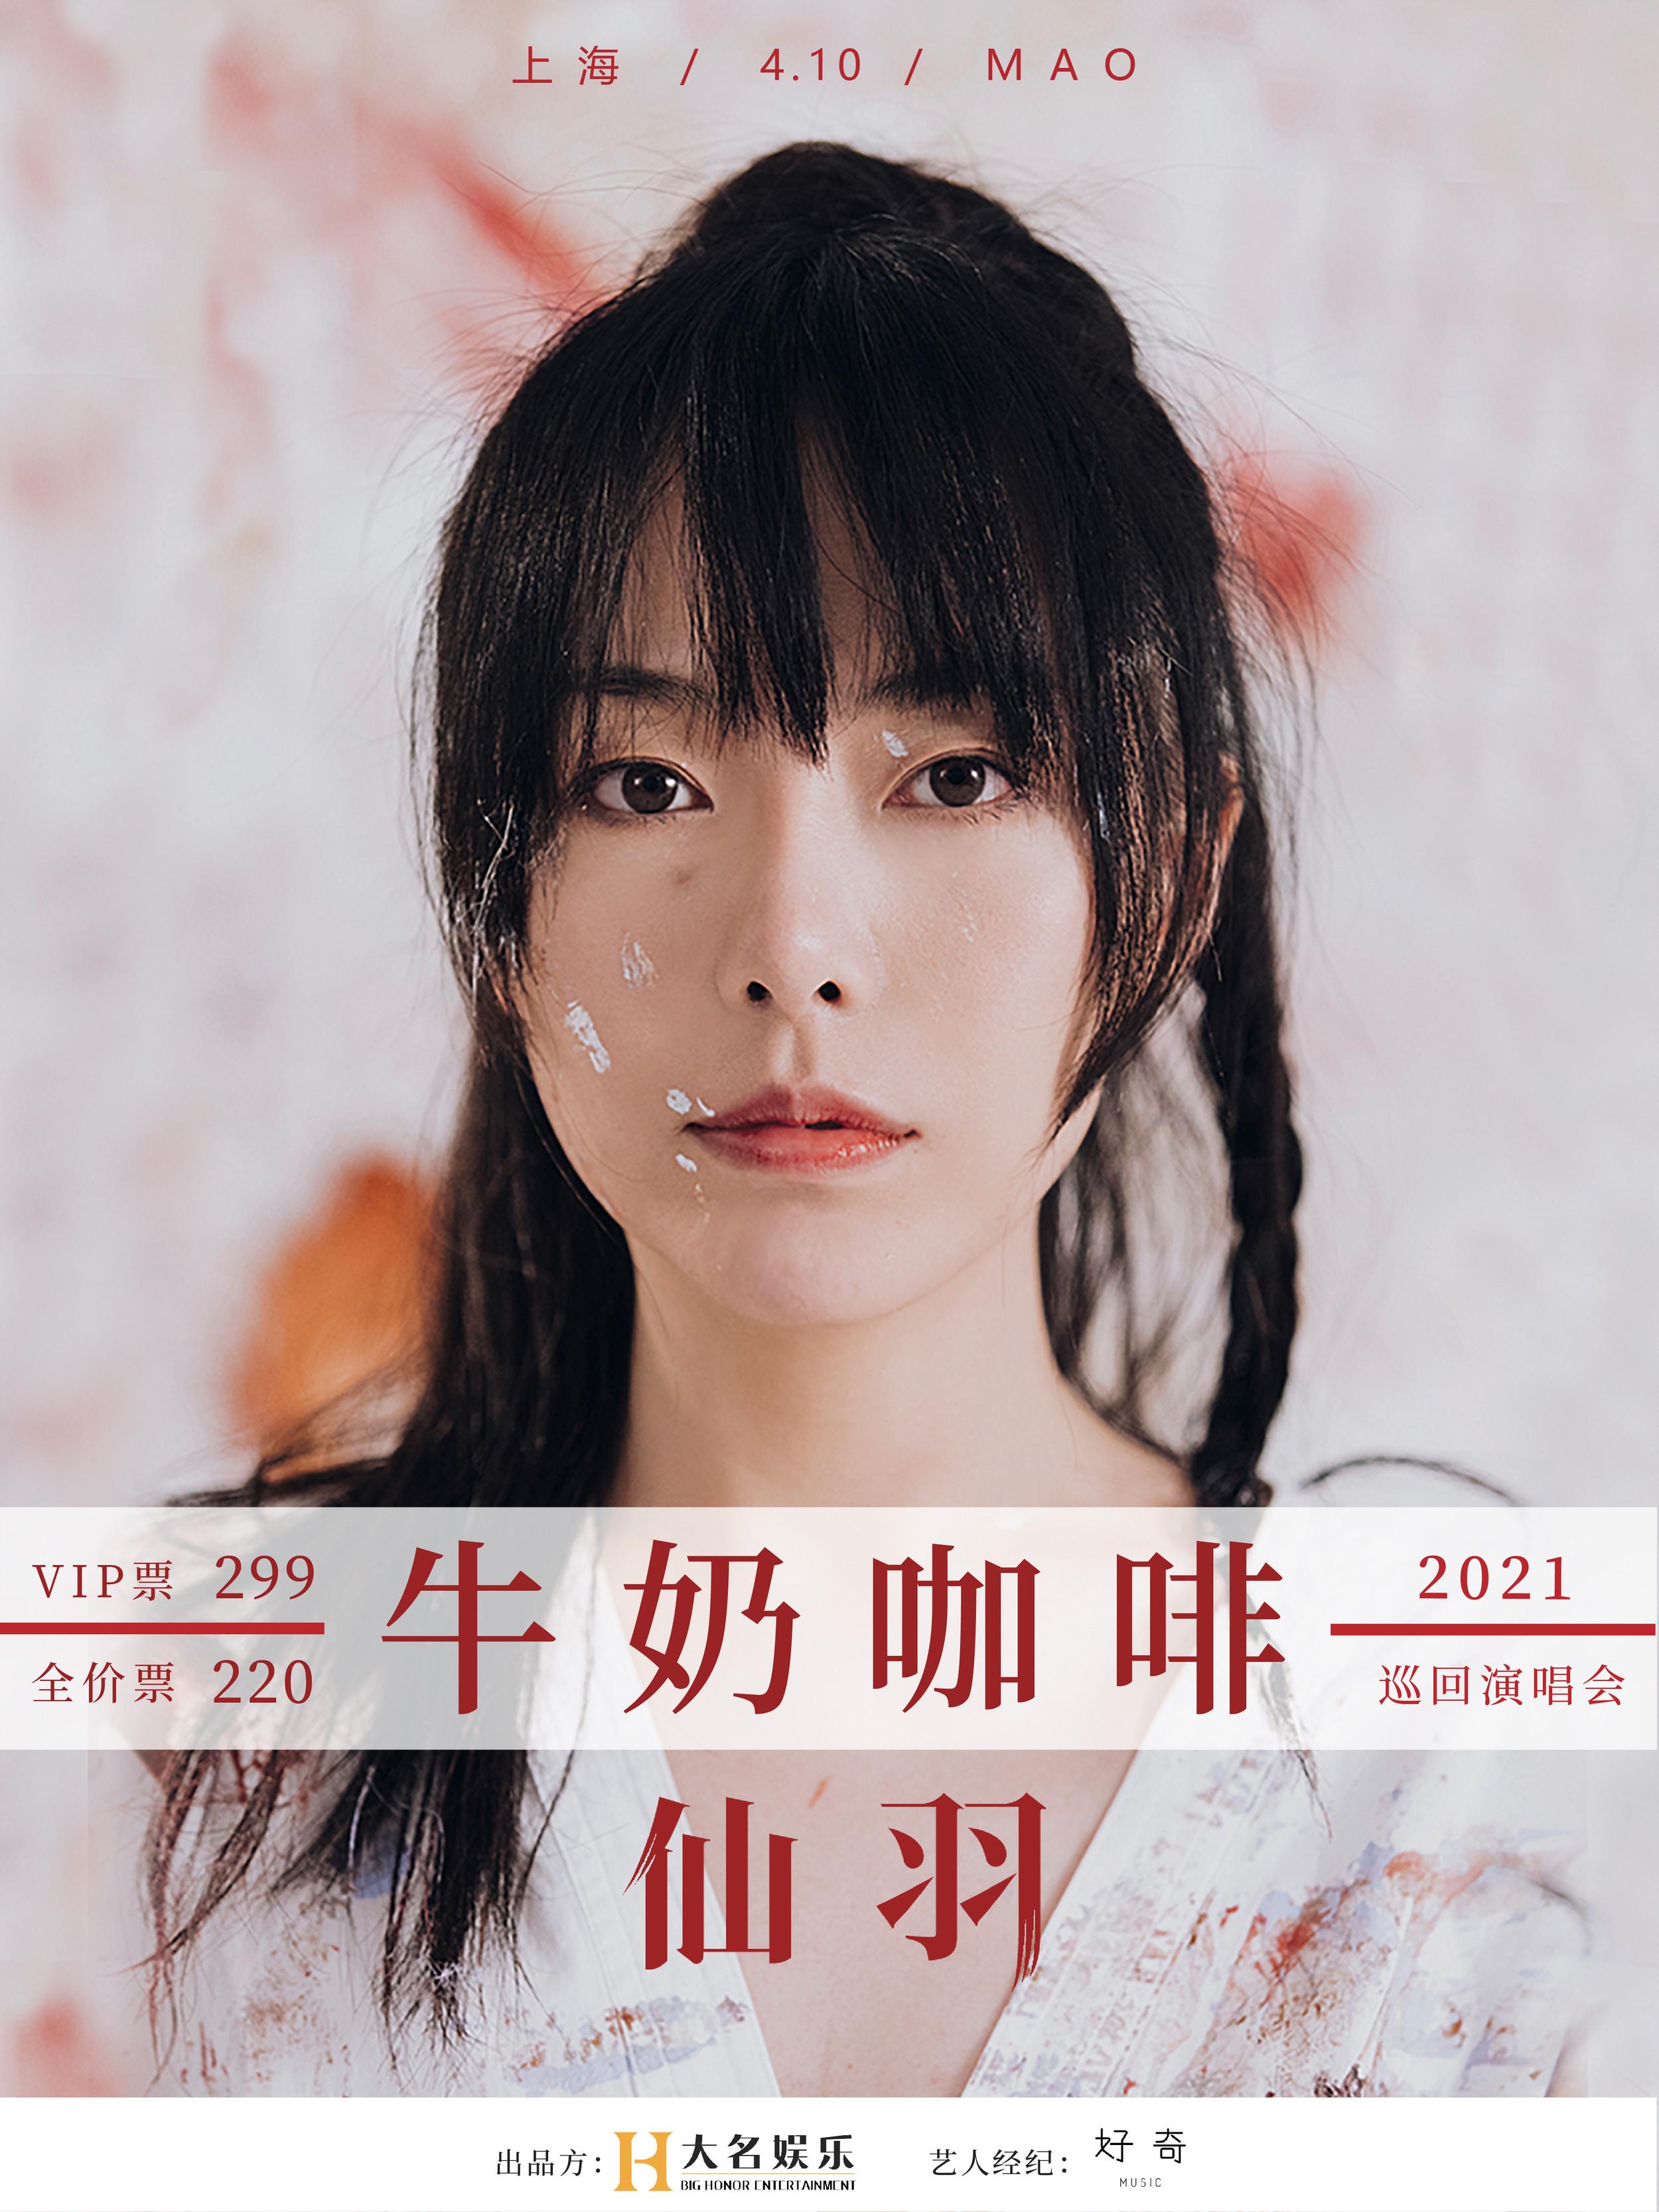 【牛奶咖啡主唱】仙羽2021巡回演唱会亚博体育足球官网站